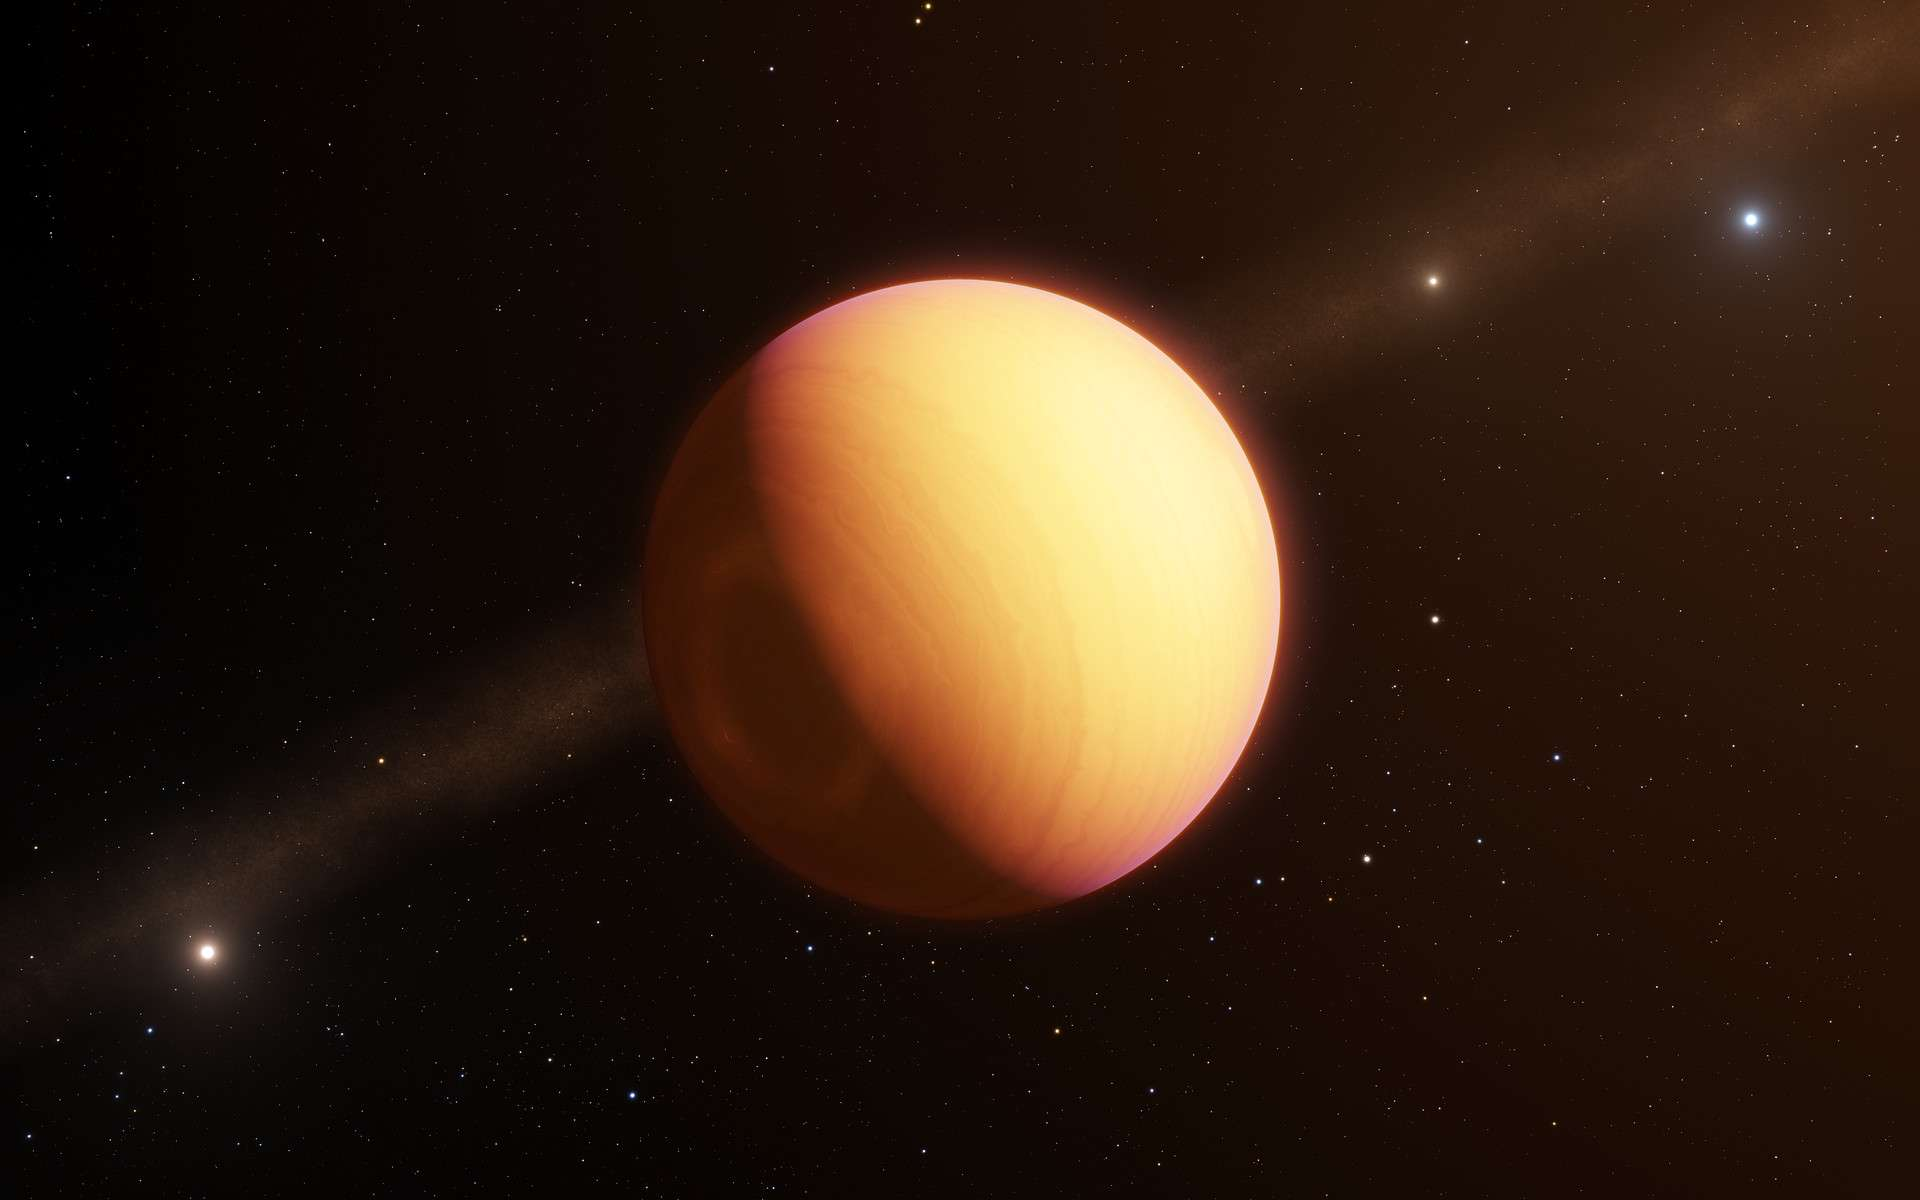 L'instrument Gravity, qui équipe l'Interféromètre du Very Large Telescope (VLTI) de l'ESO, a effectué la première observation directe d'une exoplanète au moyen de l'interférométrie optique. Cette technique a révélé l'existence d'une atmosphère exoplanétaire complexe, composée de nuages de fer et de silicates emportés dans une tempête à l'échelle planétaire. Cette technique offre des possibilités uniques de caractériser nombre d'exoplanètes connues à ce jour. Sur cette vue d'artiste, figure l'exoplanète observée, baptisée HR8799e. © ESO/L. Calçada